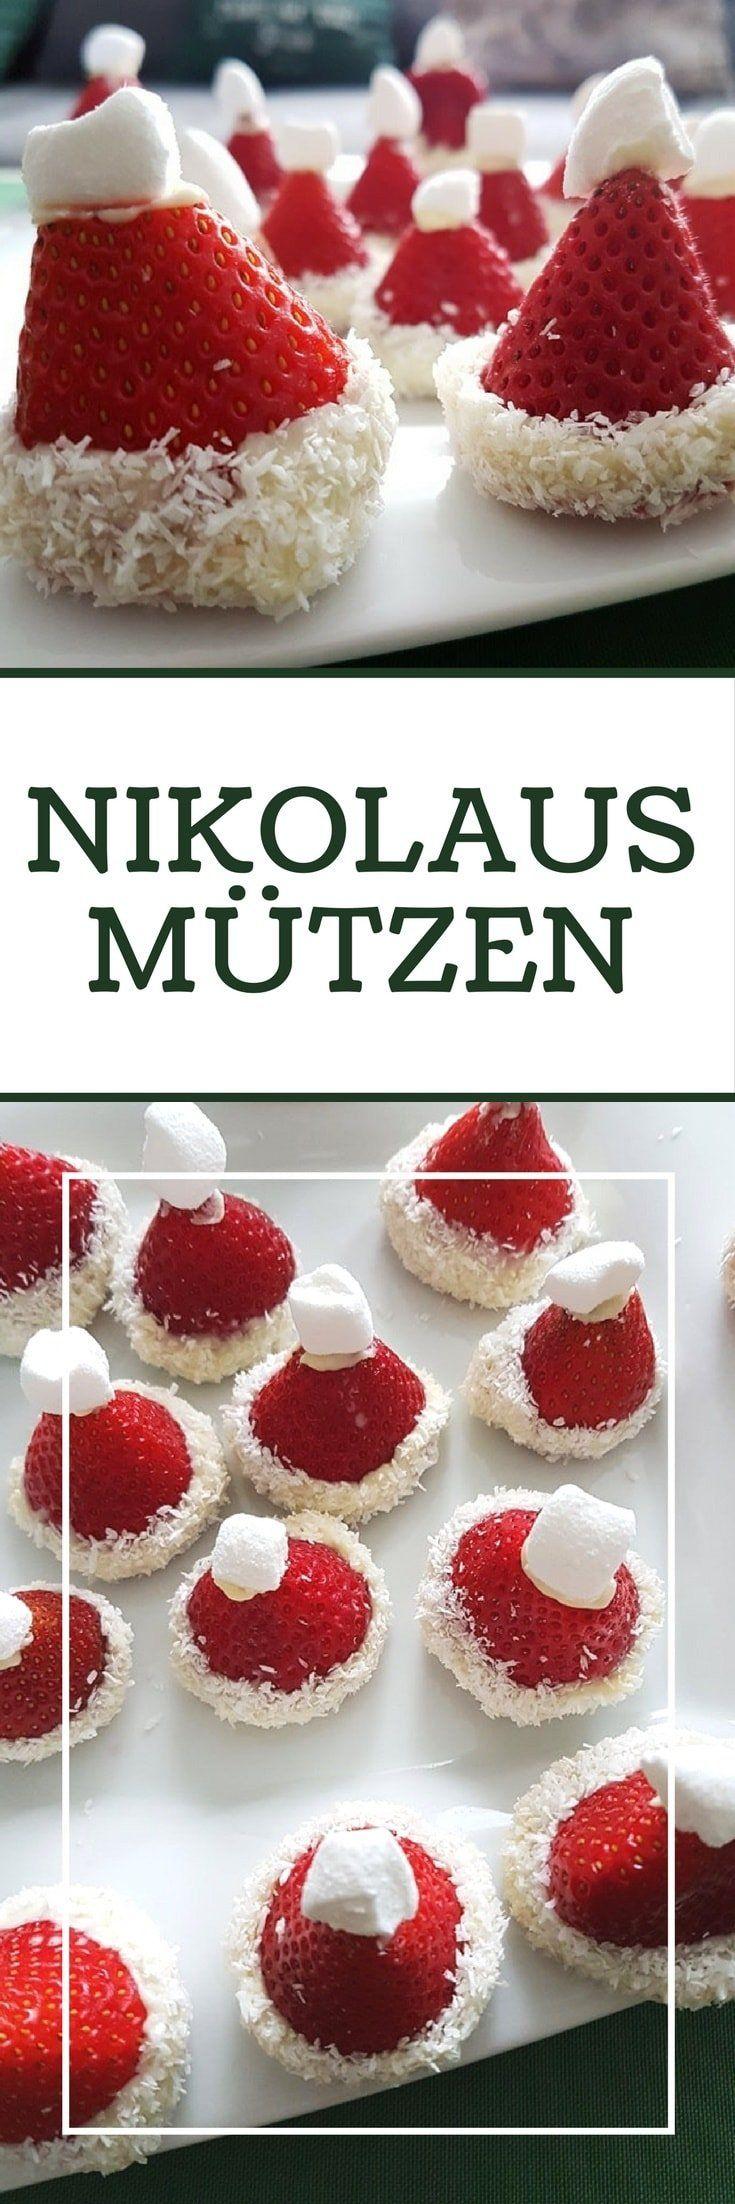 Erdbeer Nikolausmütze - Originelles Dessert zu Weihnachten